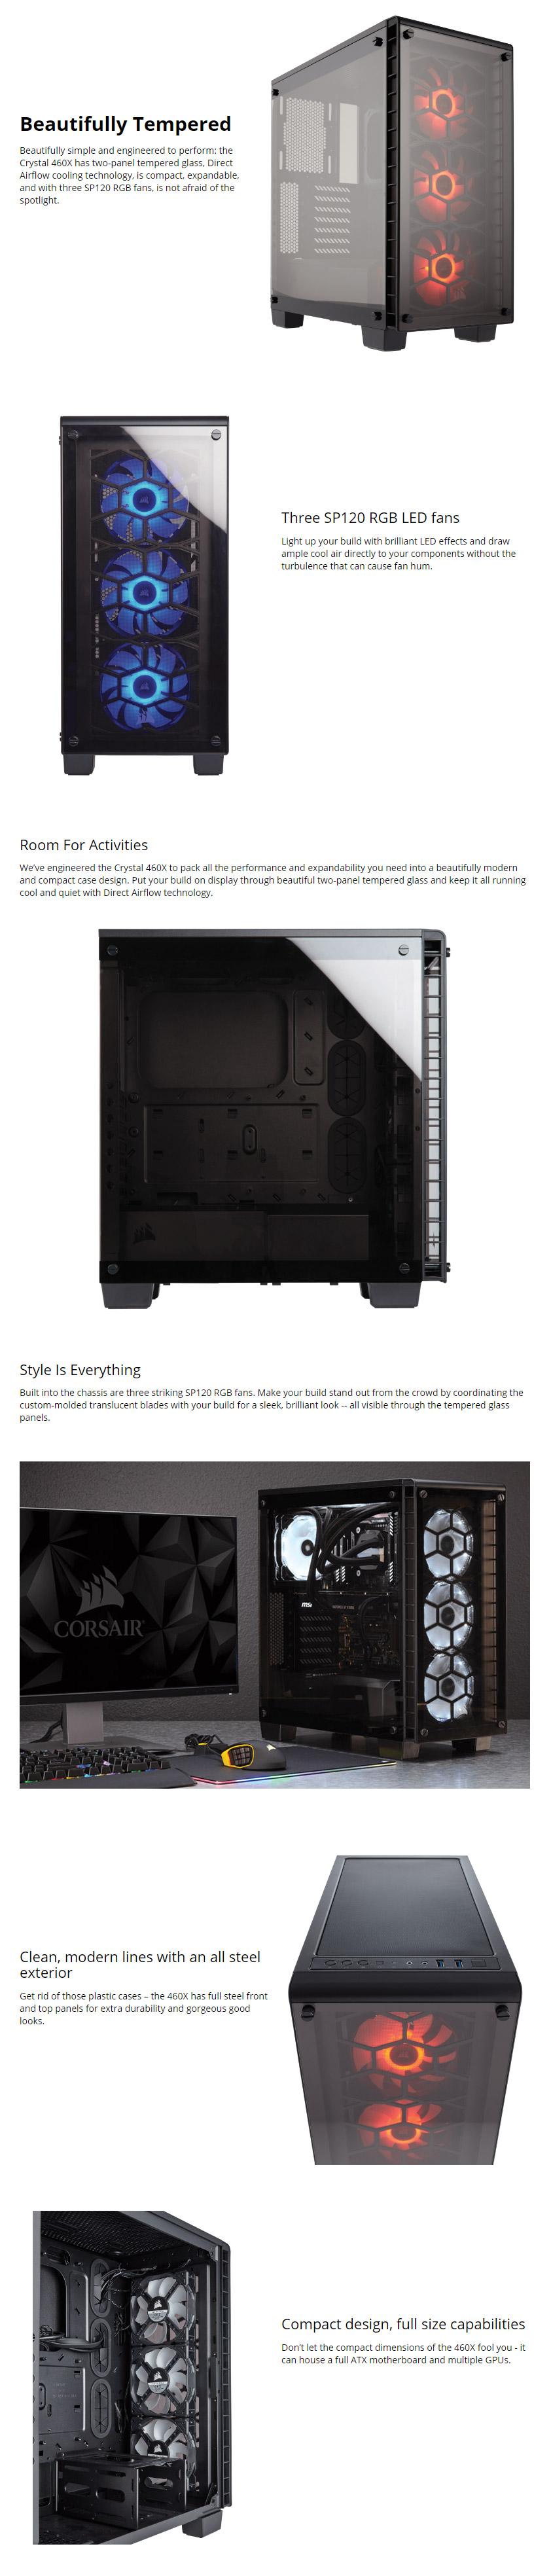 Corsair Crystal Series 460X RGB Compact ATX Case [CC-9011101